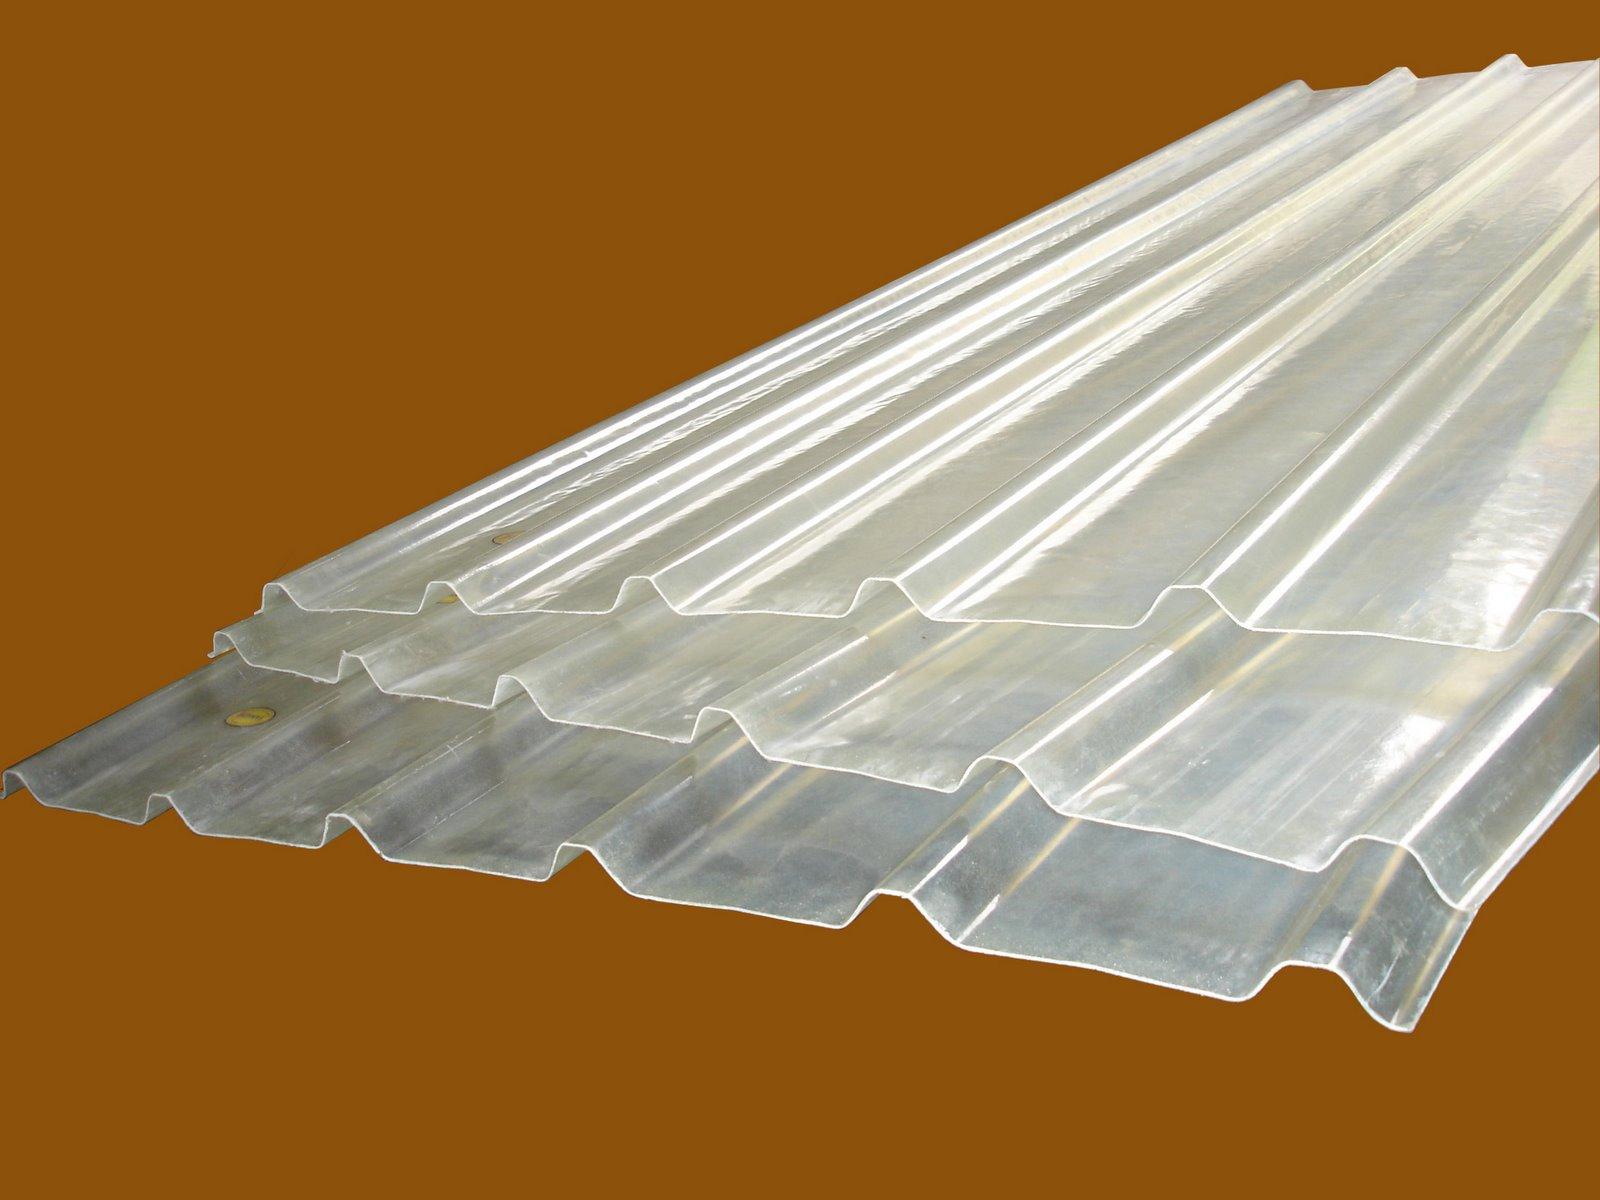 Báo Giá Tấm Nhựa Lấy Sáng Composite - Giá Rẻ Hơn 20%